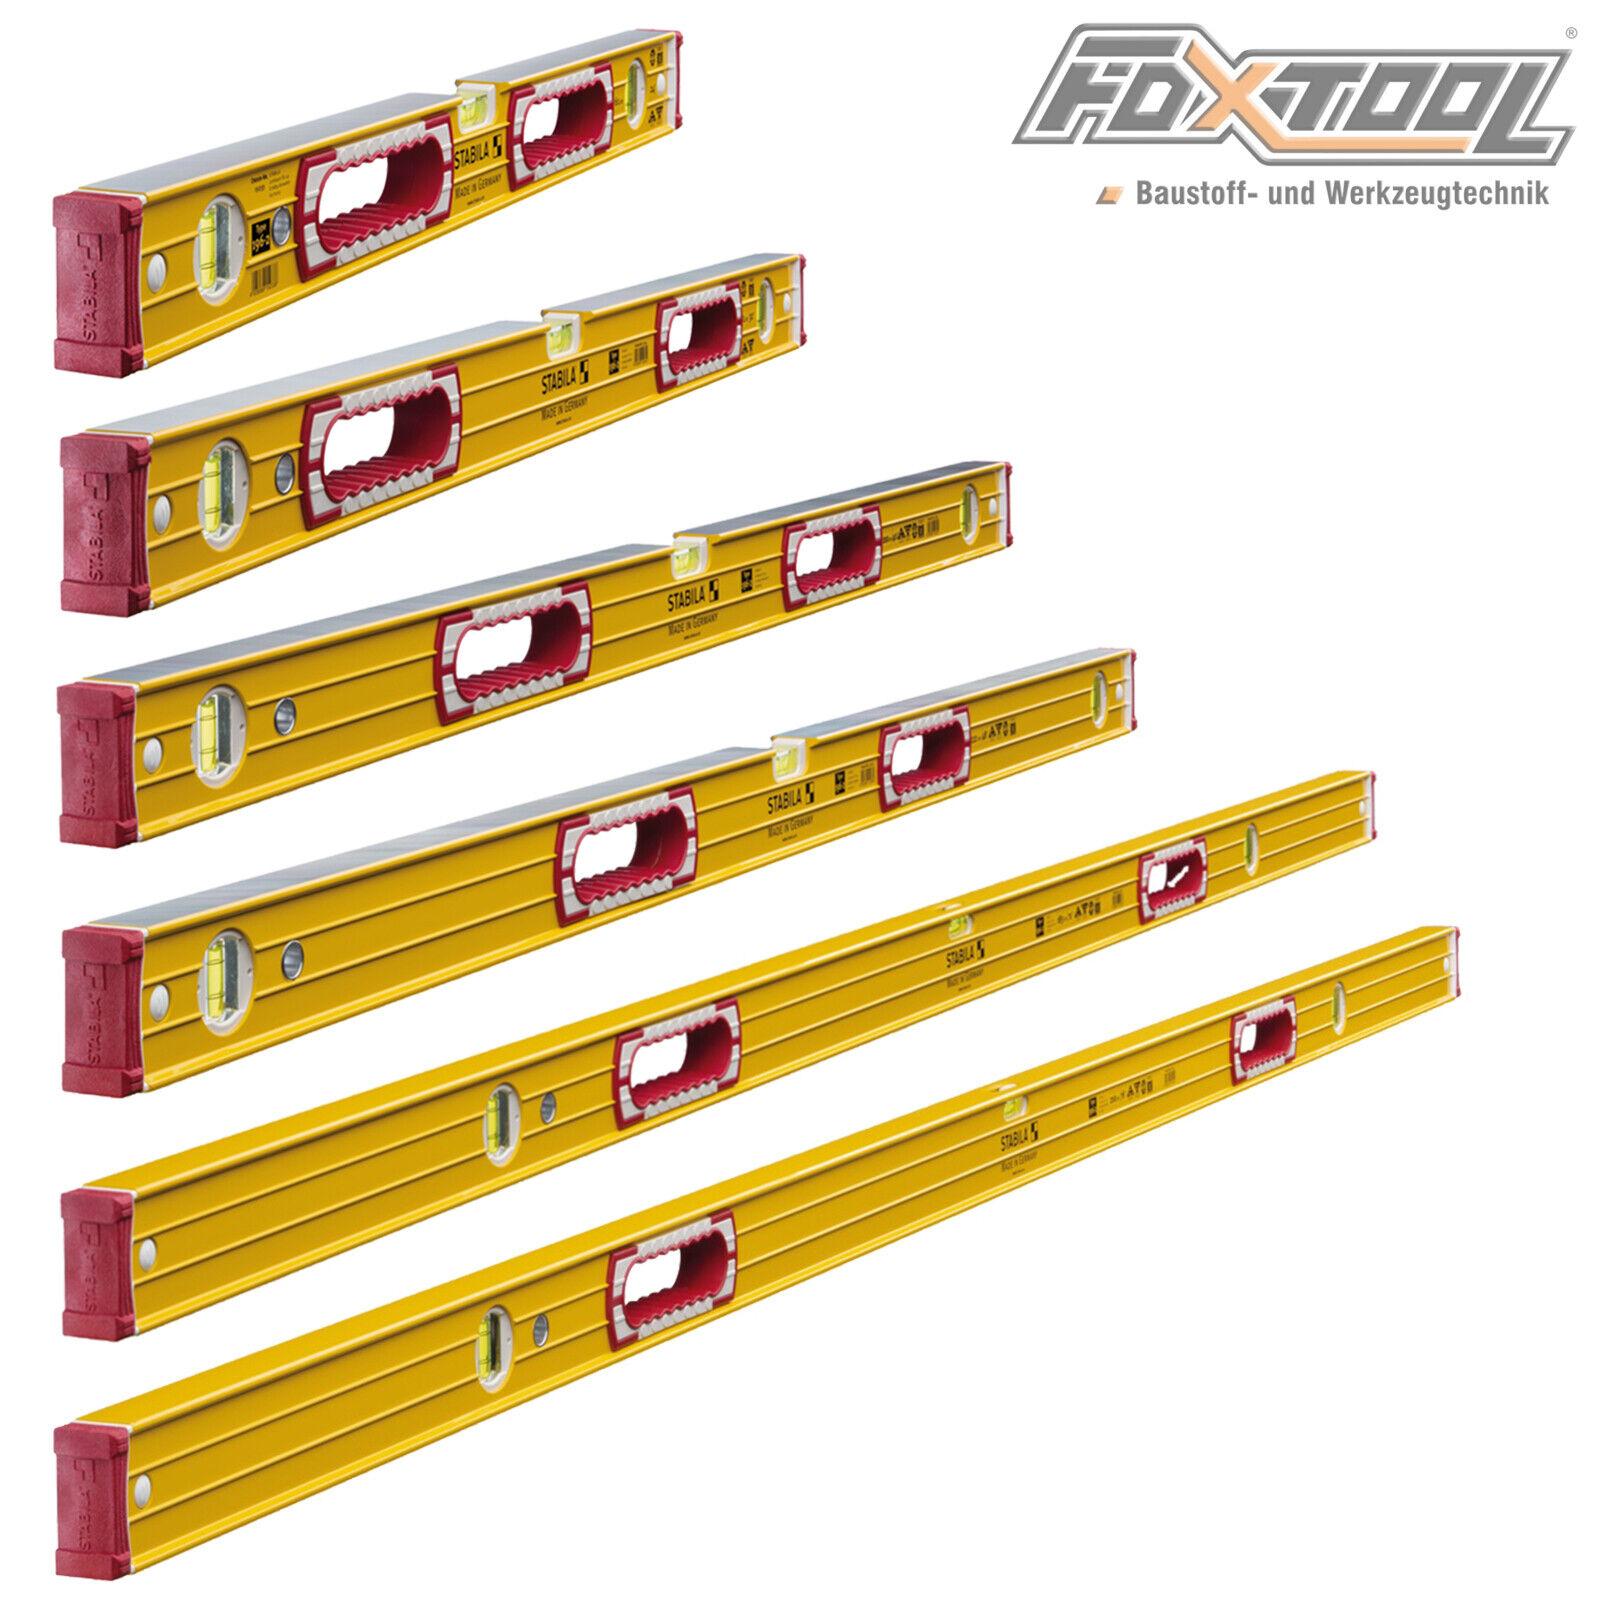 Stabila Aluminium Wasserwaagen 196-2 Set 6 Teilig 61+81+100+122+183+200cm